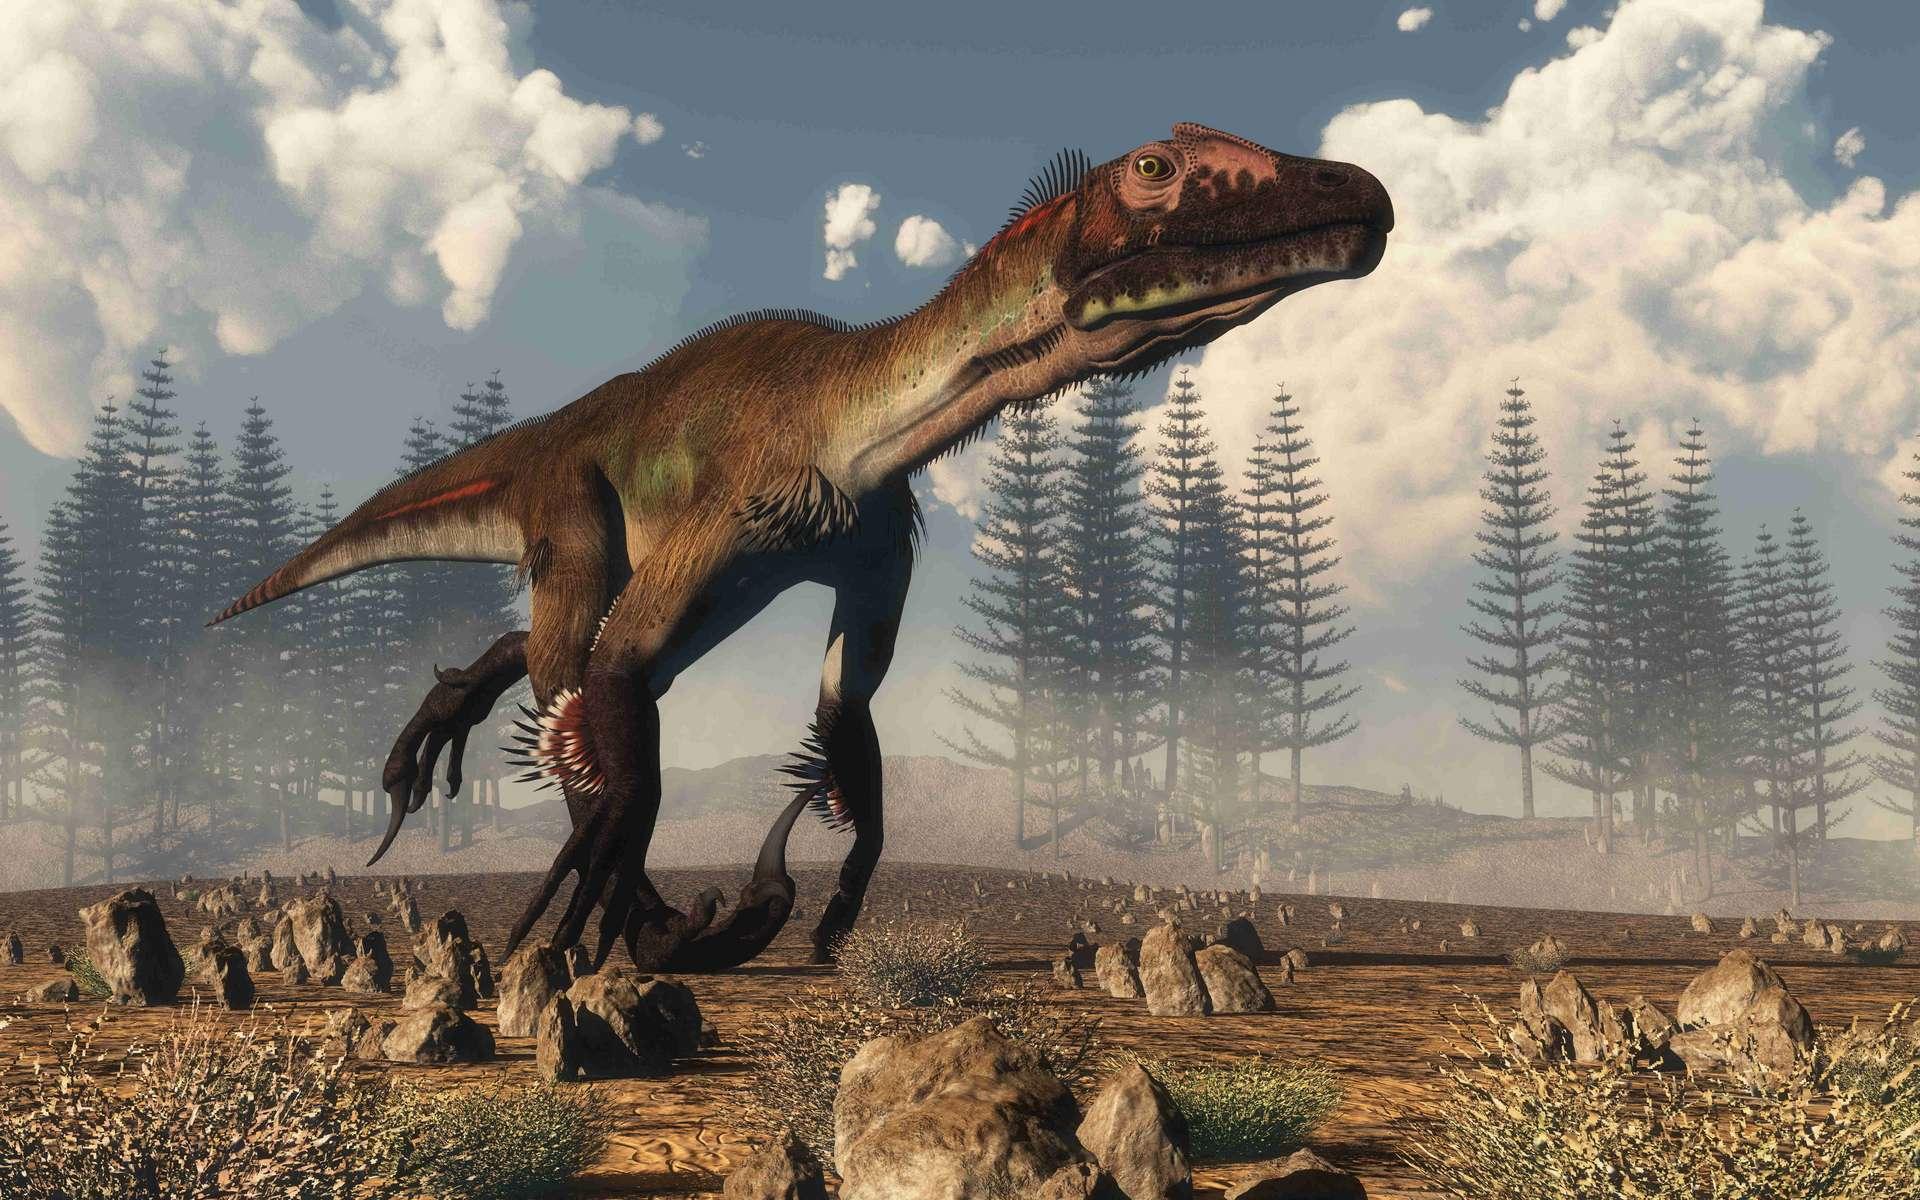 Vue d'artiste d'un Utahraptor appartenant aux Dromaeosauridae et phylogénétiquement proche des oiseaux actuels. © Elenarts, Adobe Stock